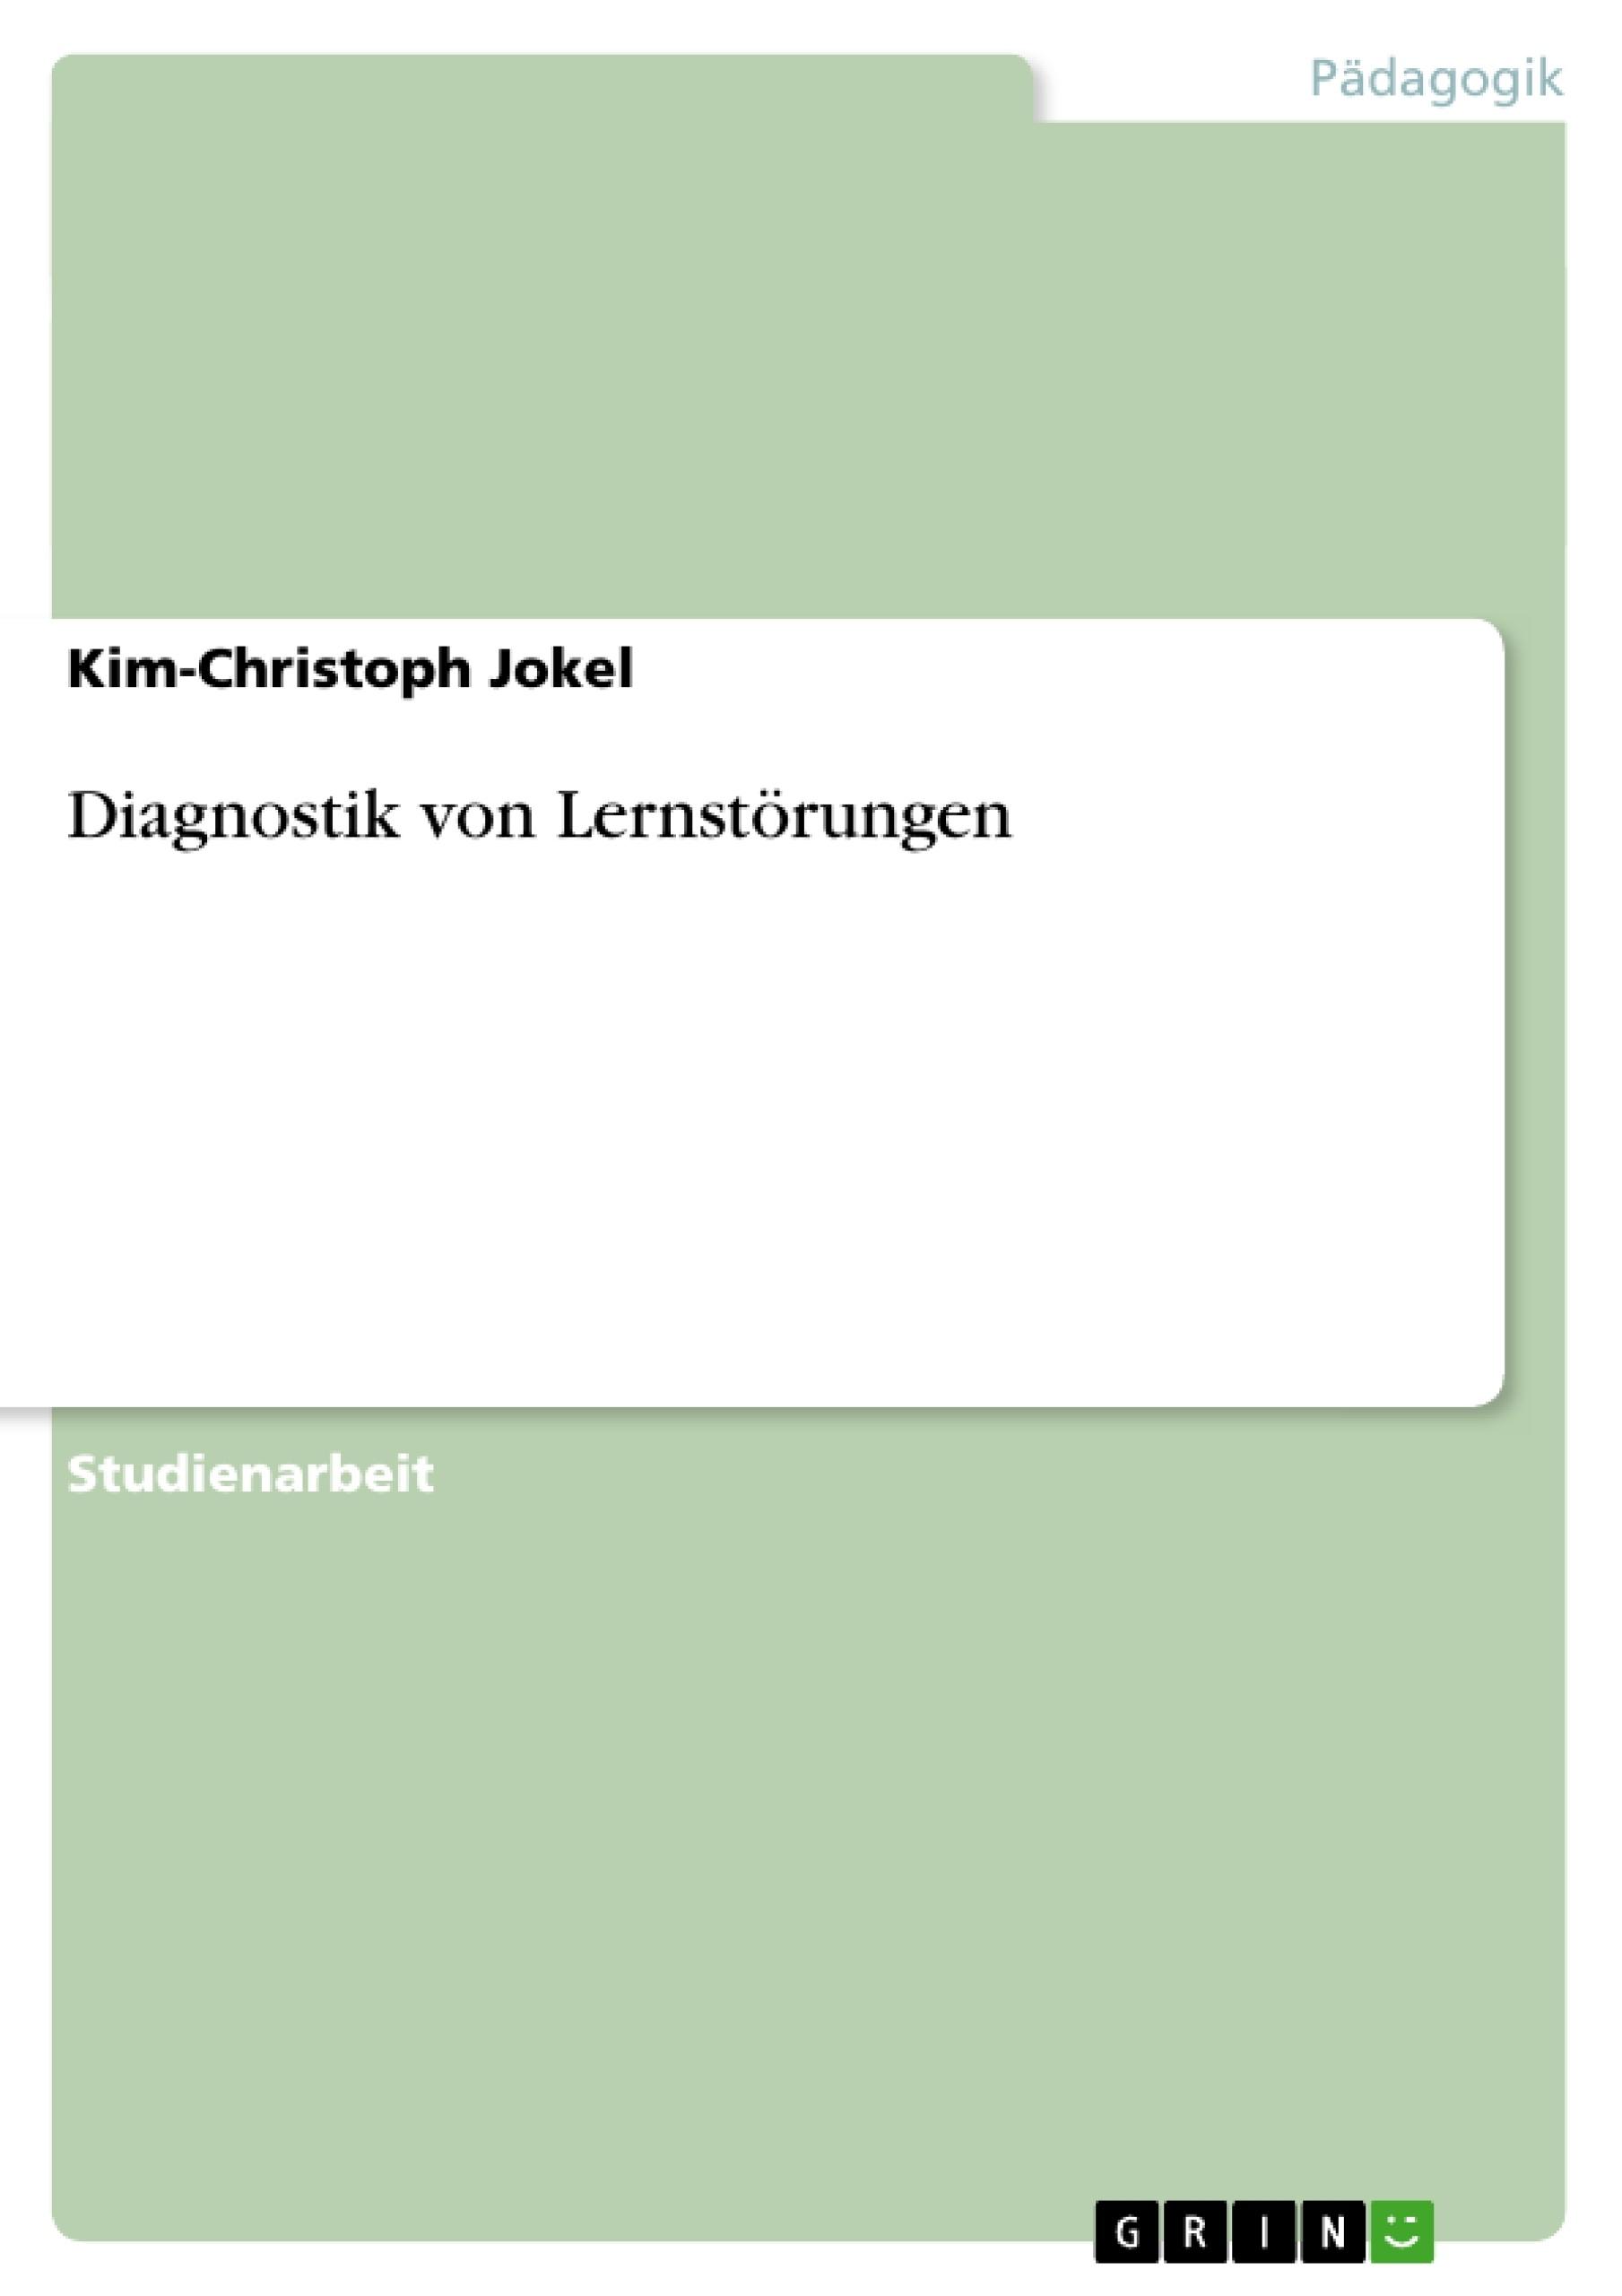 Titel: Diagnostik von Lernstörungen